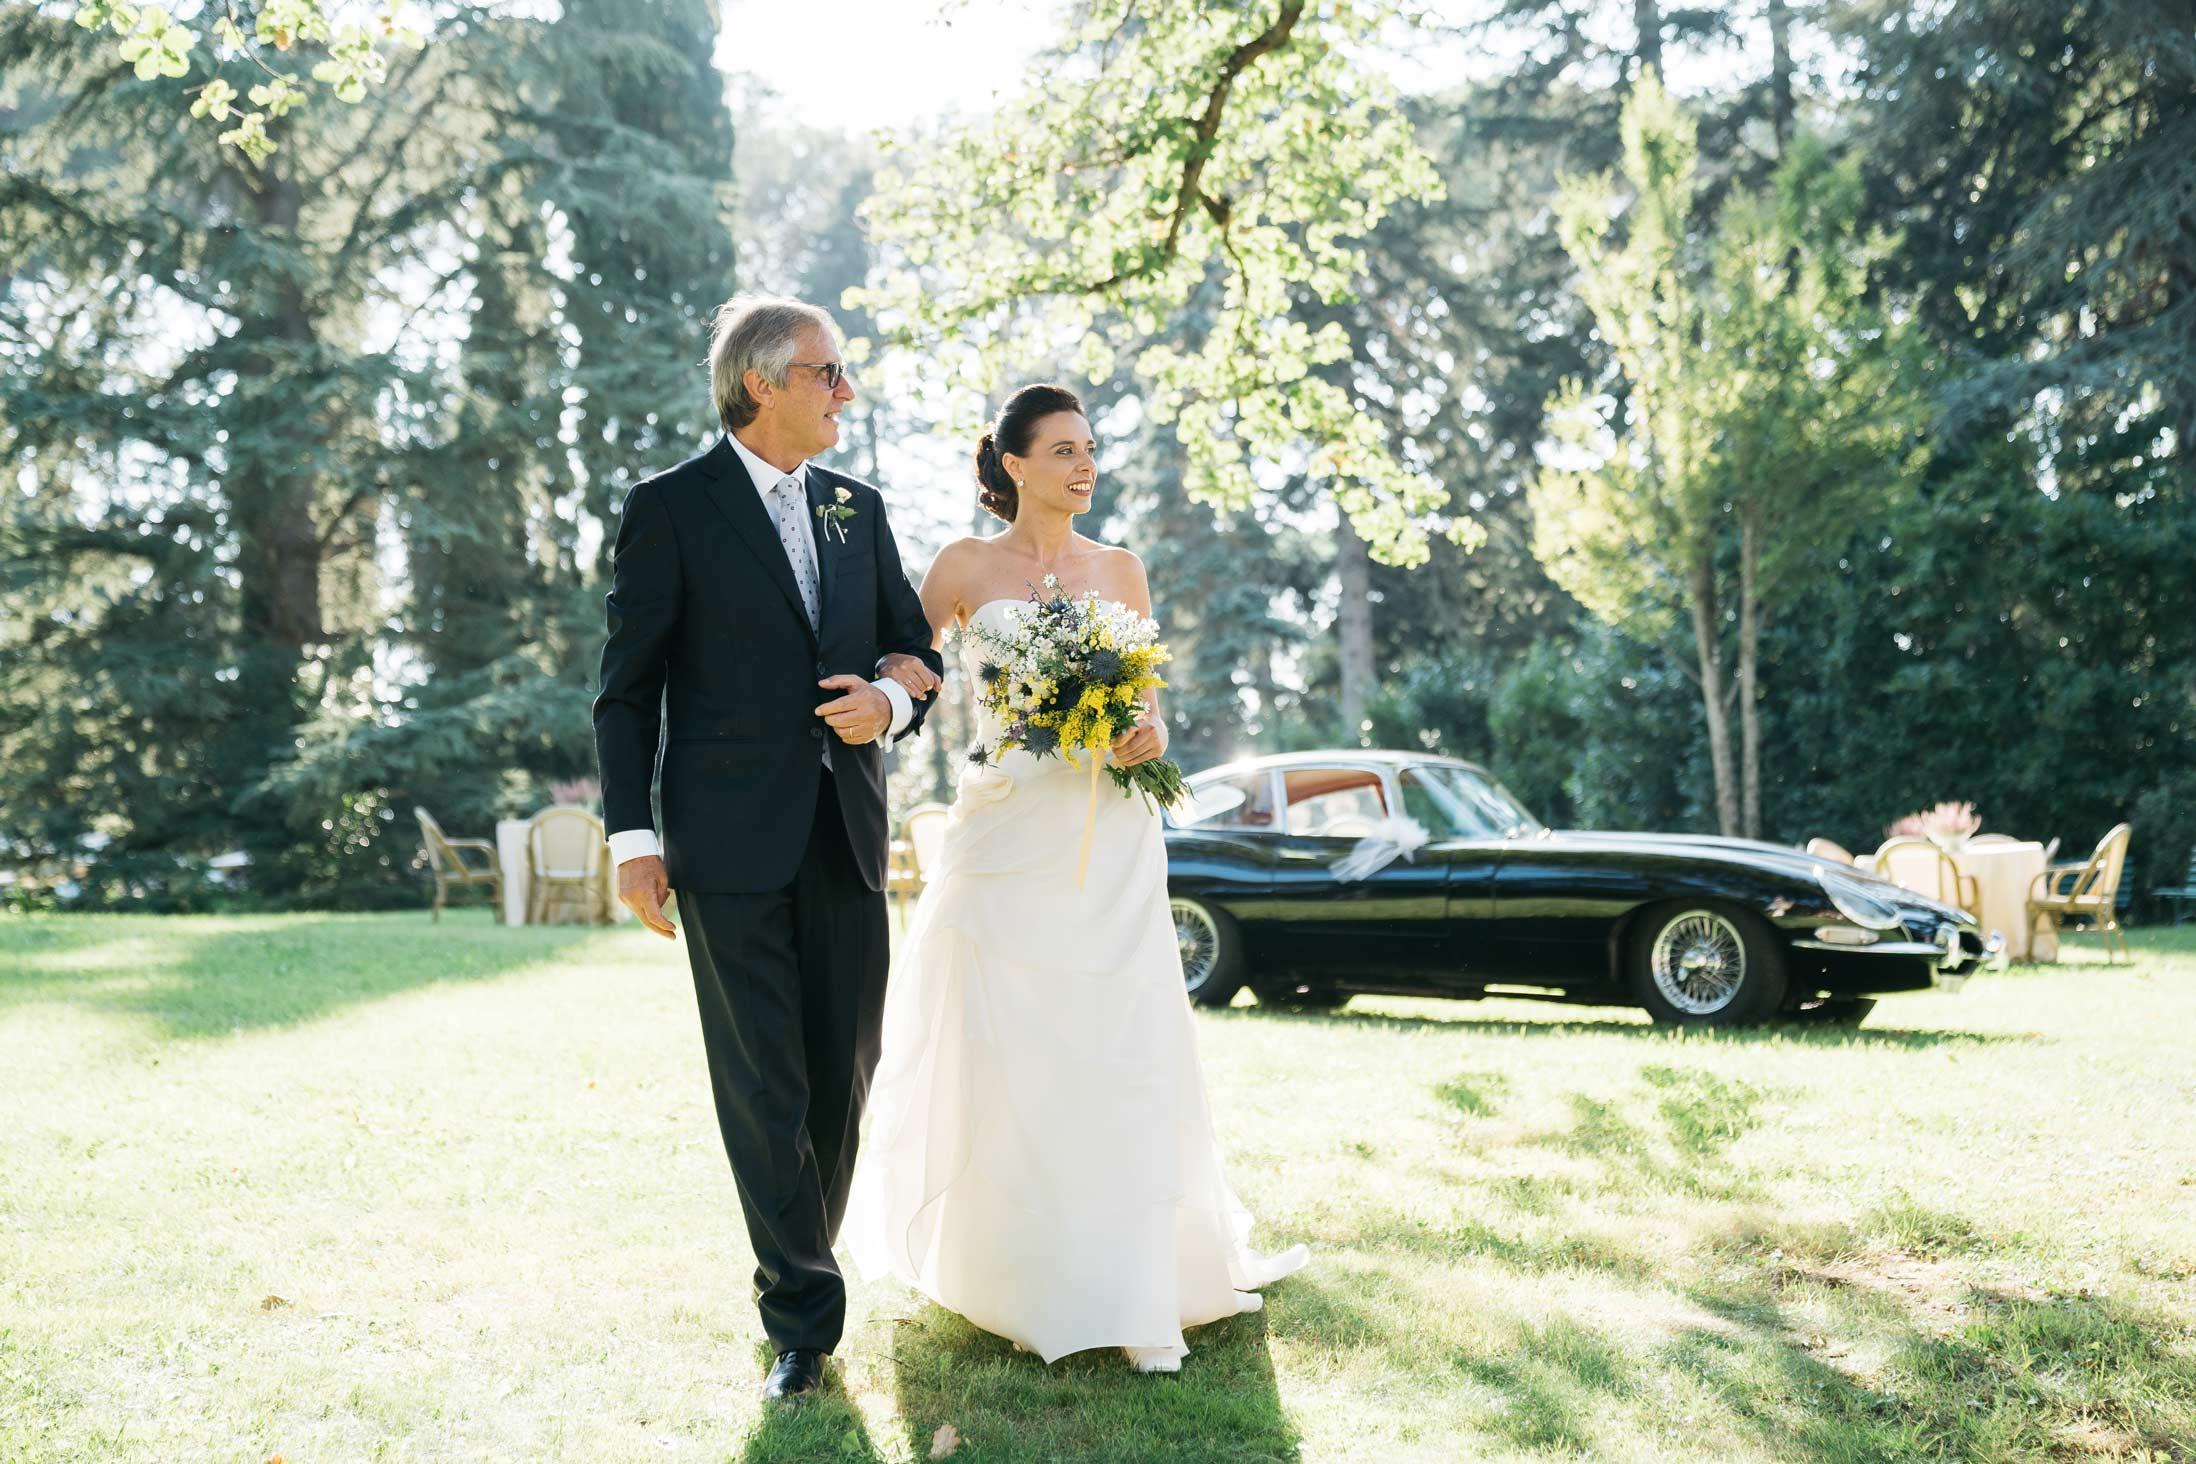 Fotoreportage-Di-Matrimonio-Fotografi-Matrimonio-L&F